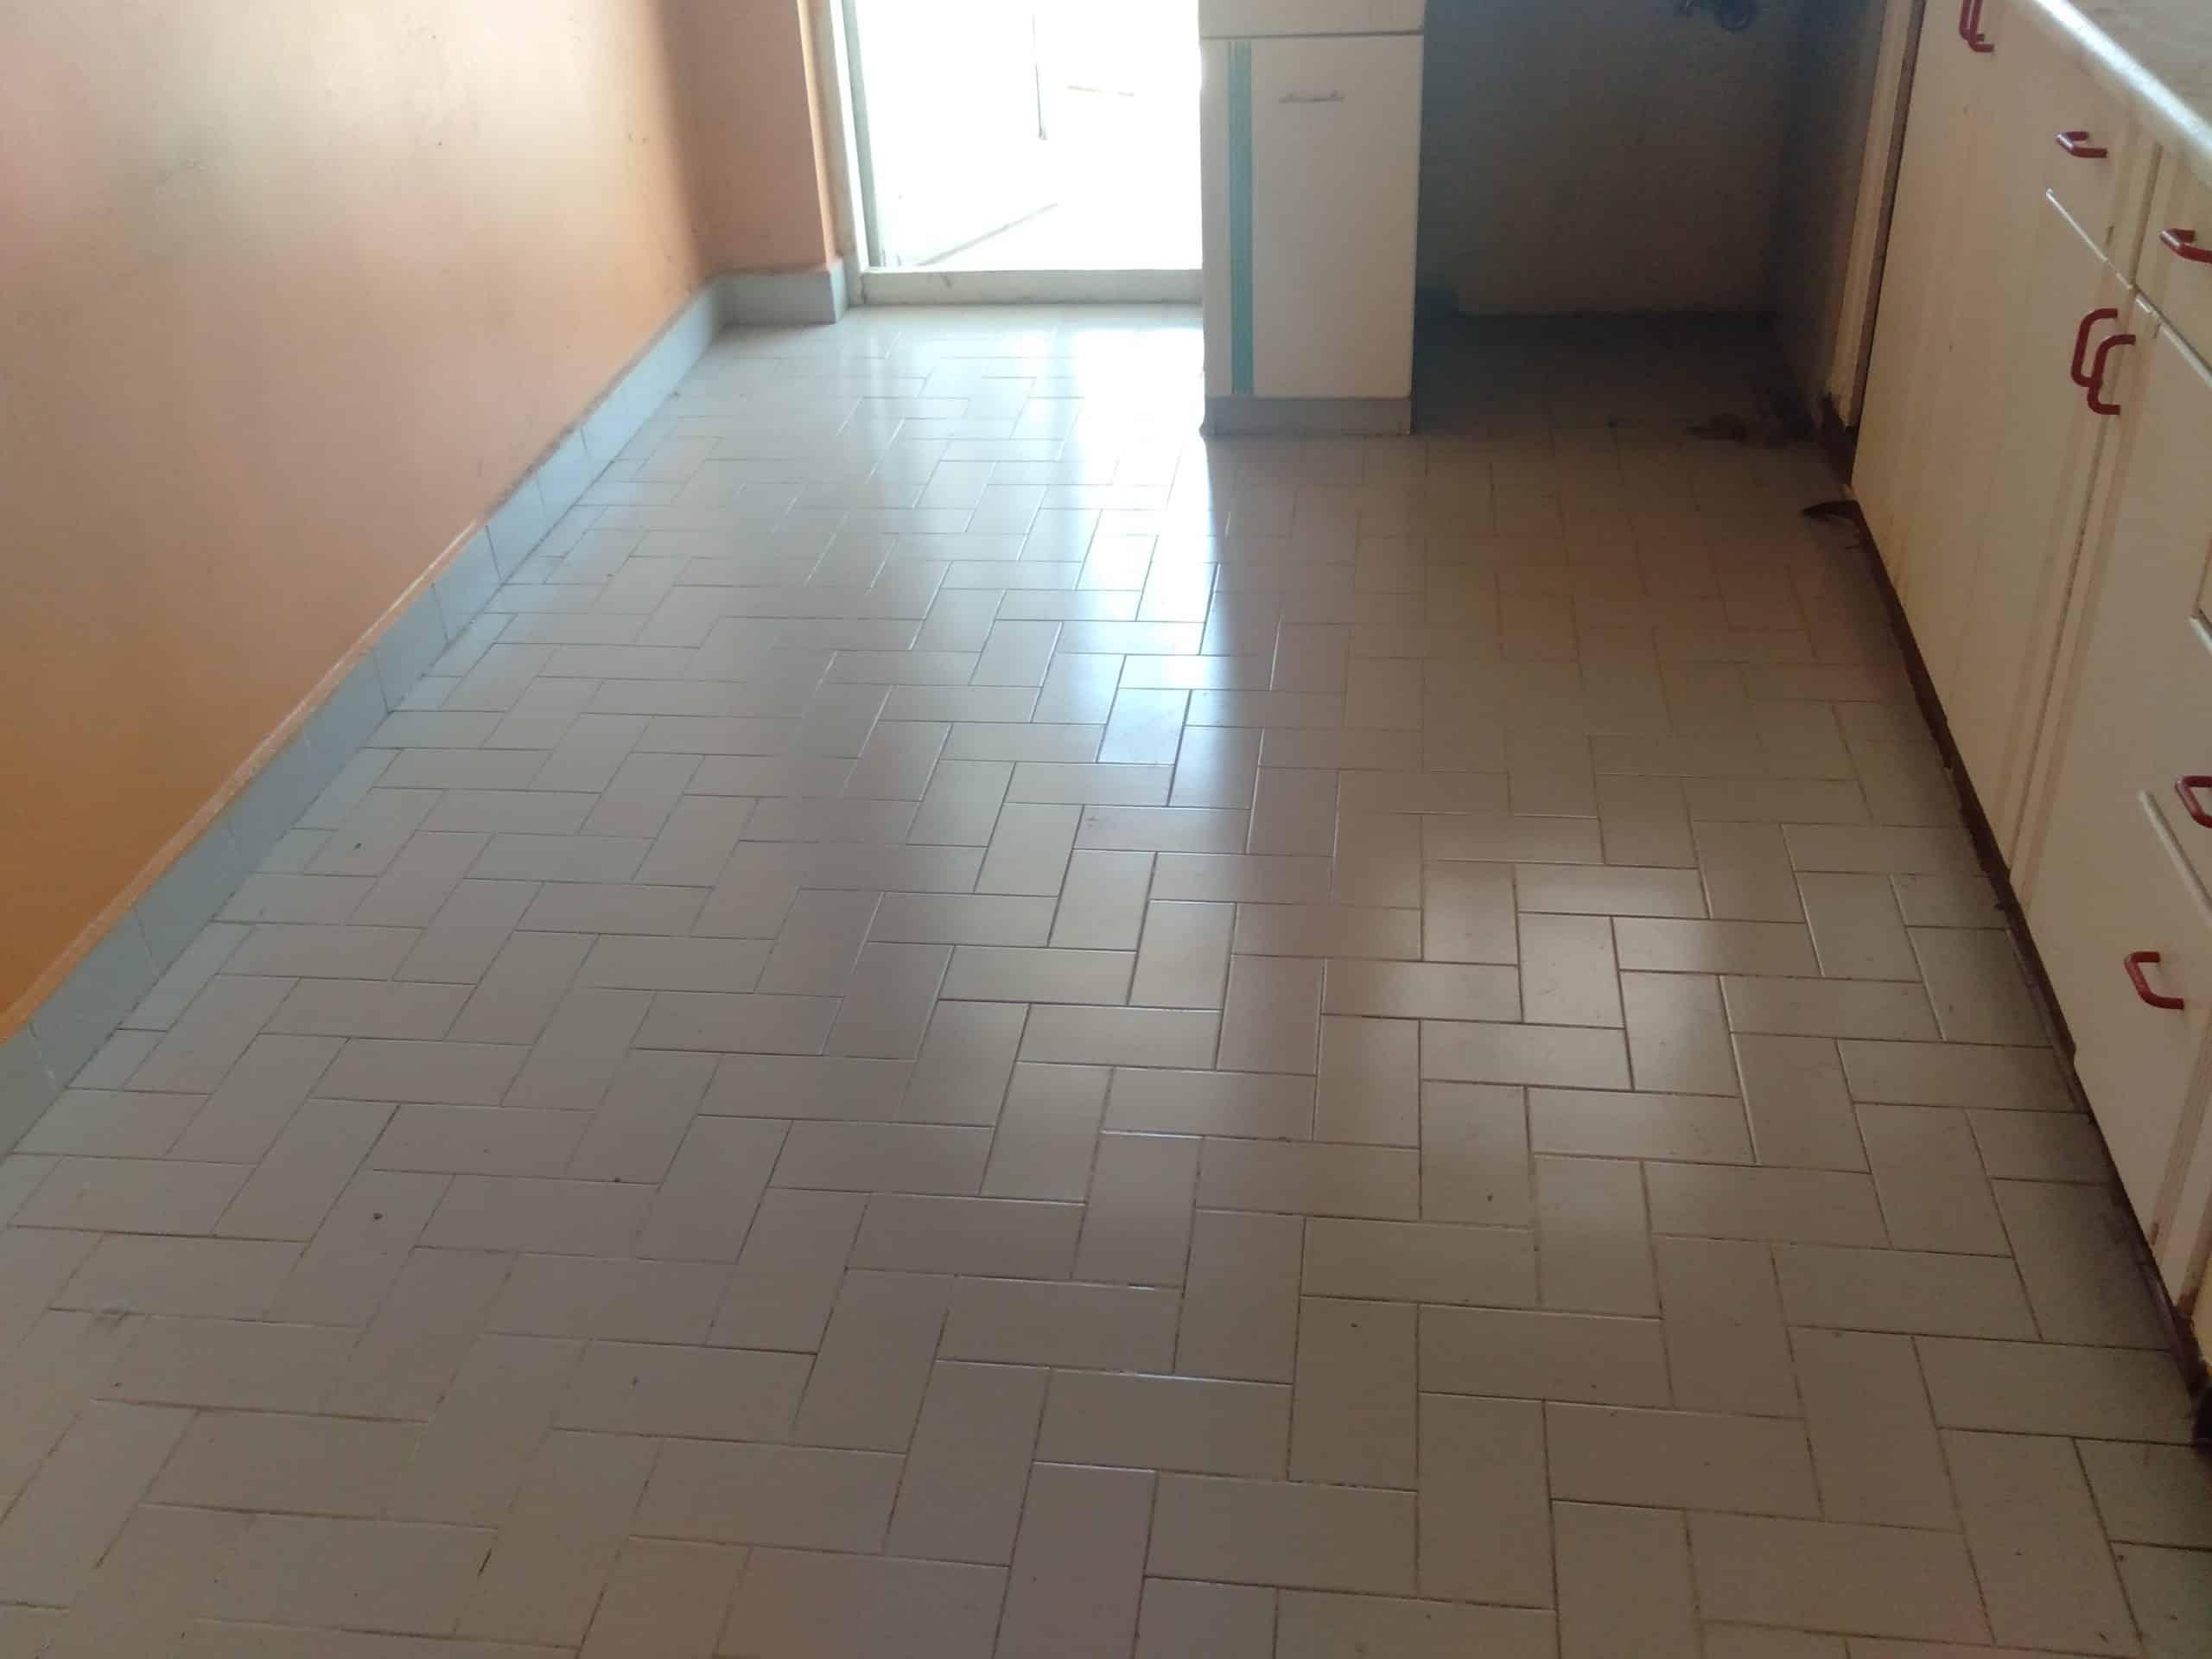 Mutfak zemin fayanslarını değiştiriyoruz